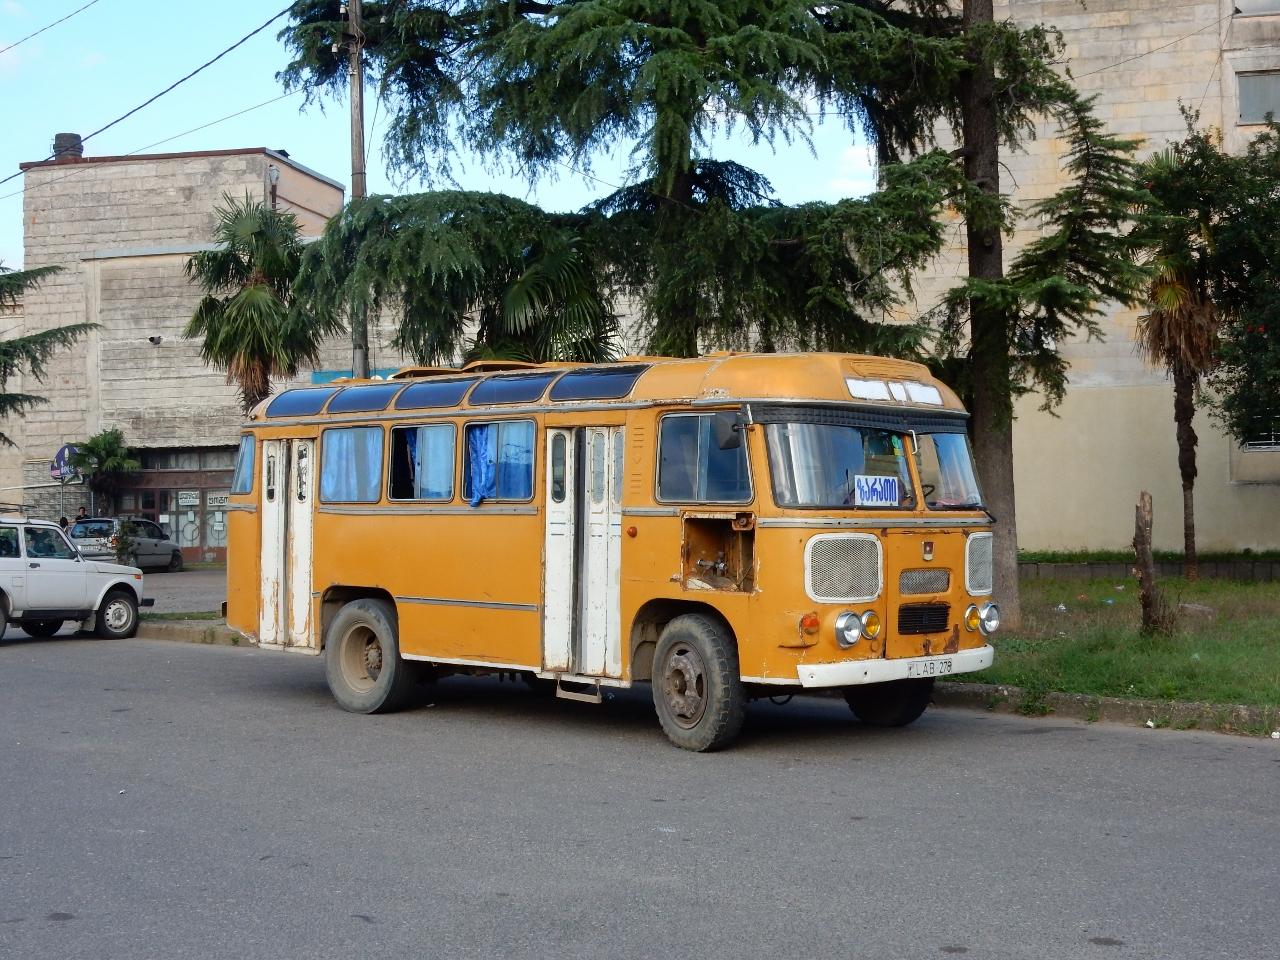 bus-noch-intakt-1280x960